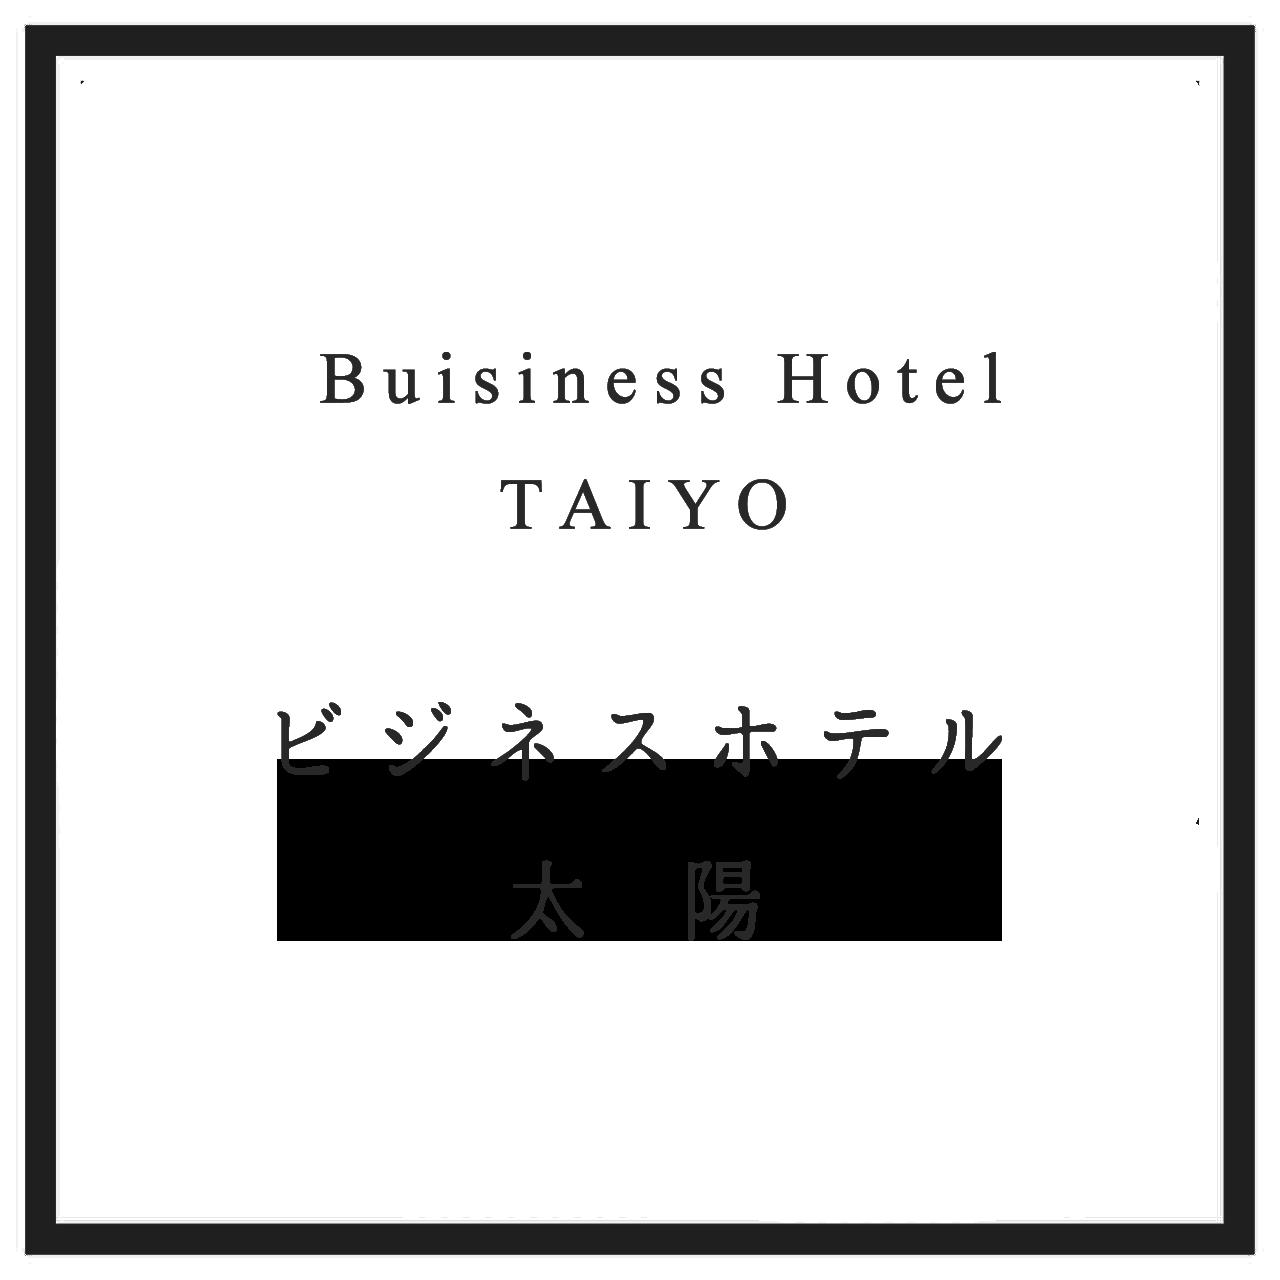 仙台のビジネスホテル太陽